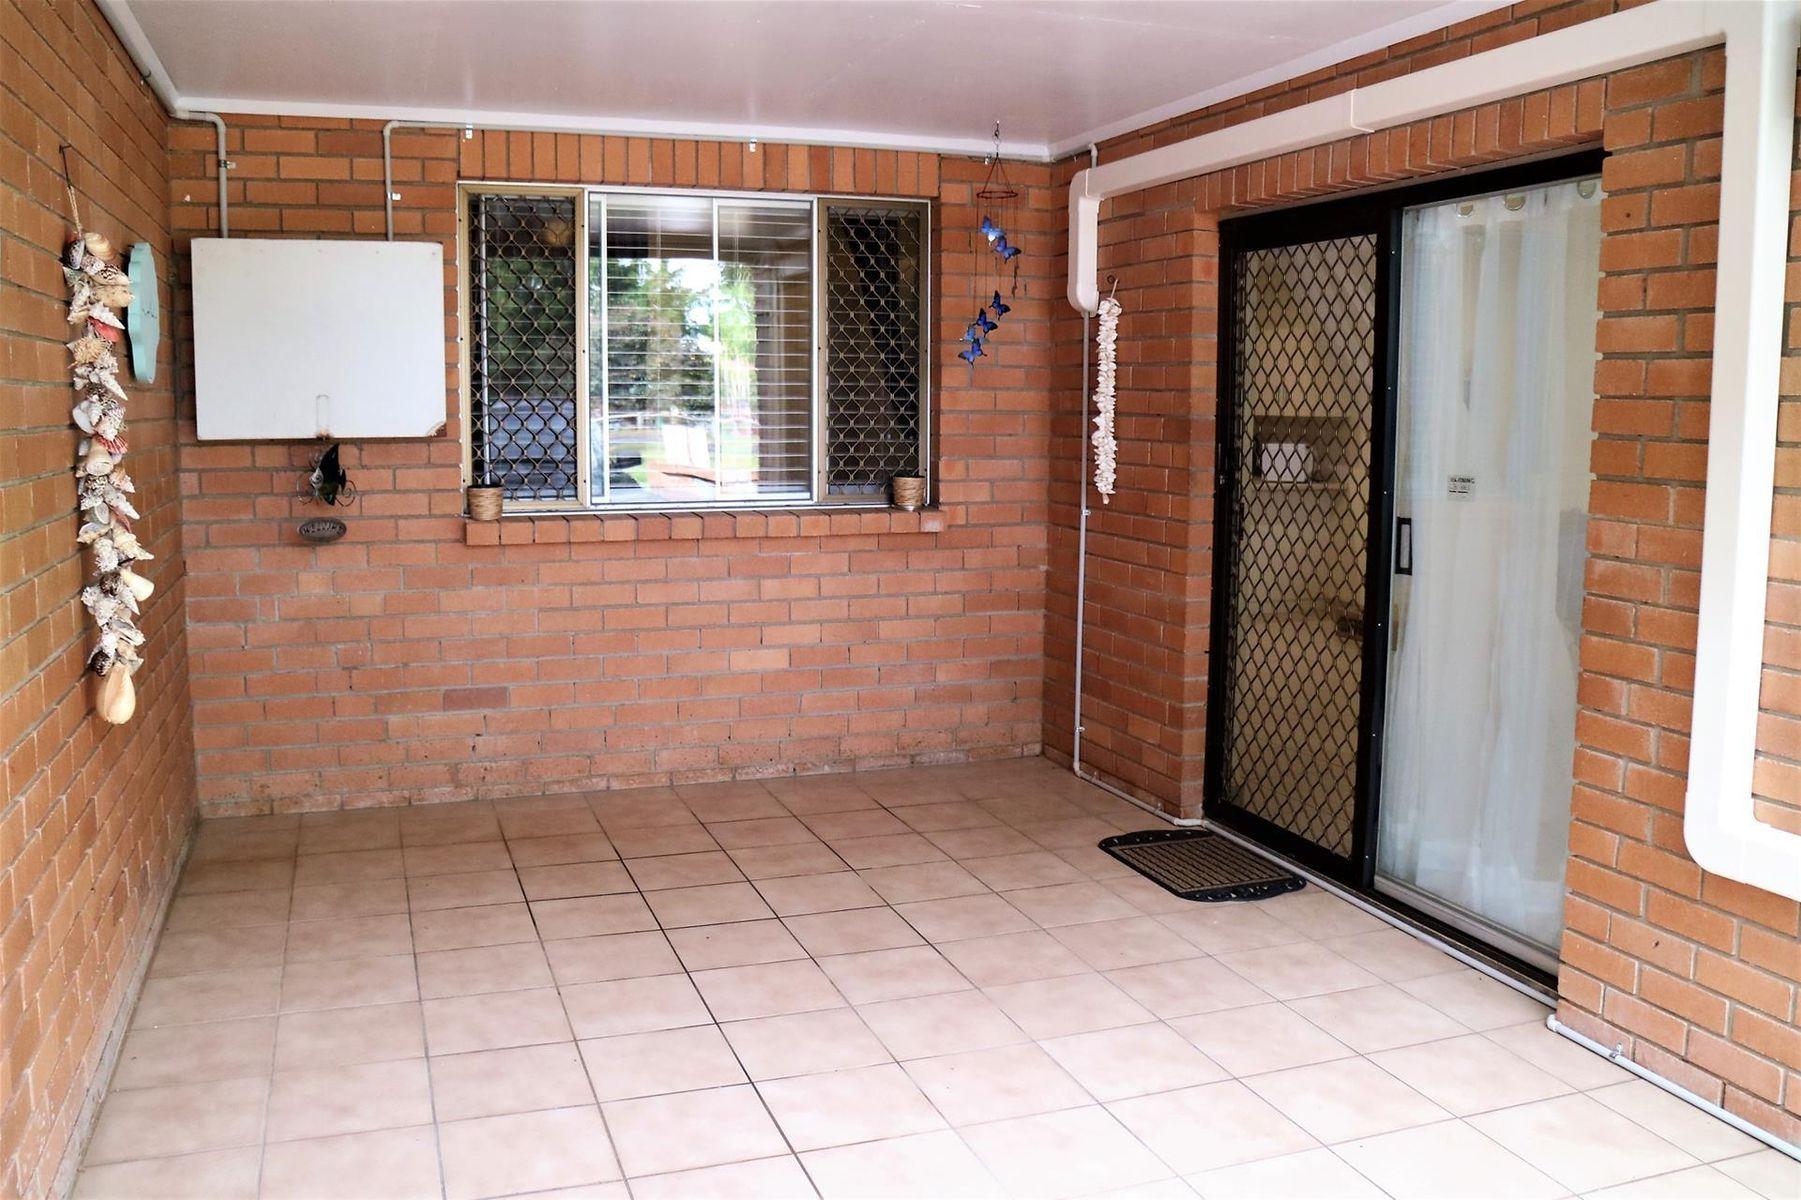 3/6 Binnington Esplanade, East Mackay, QLD 4740